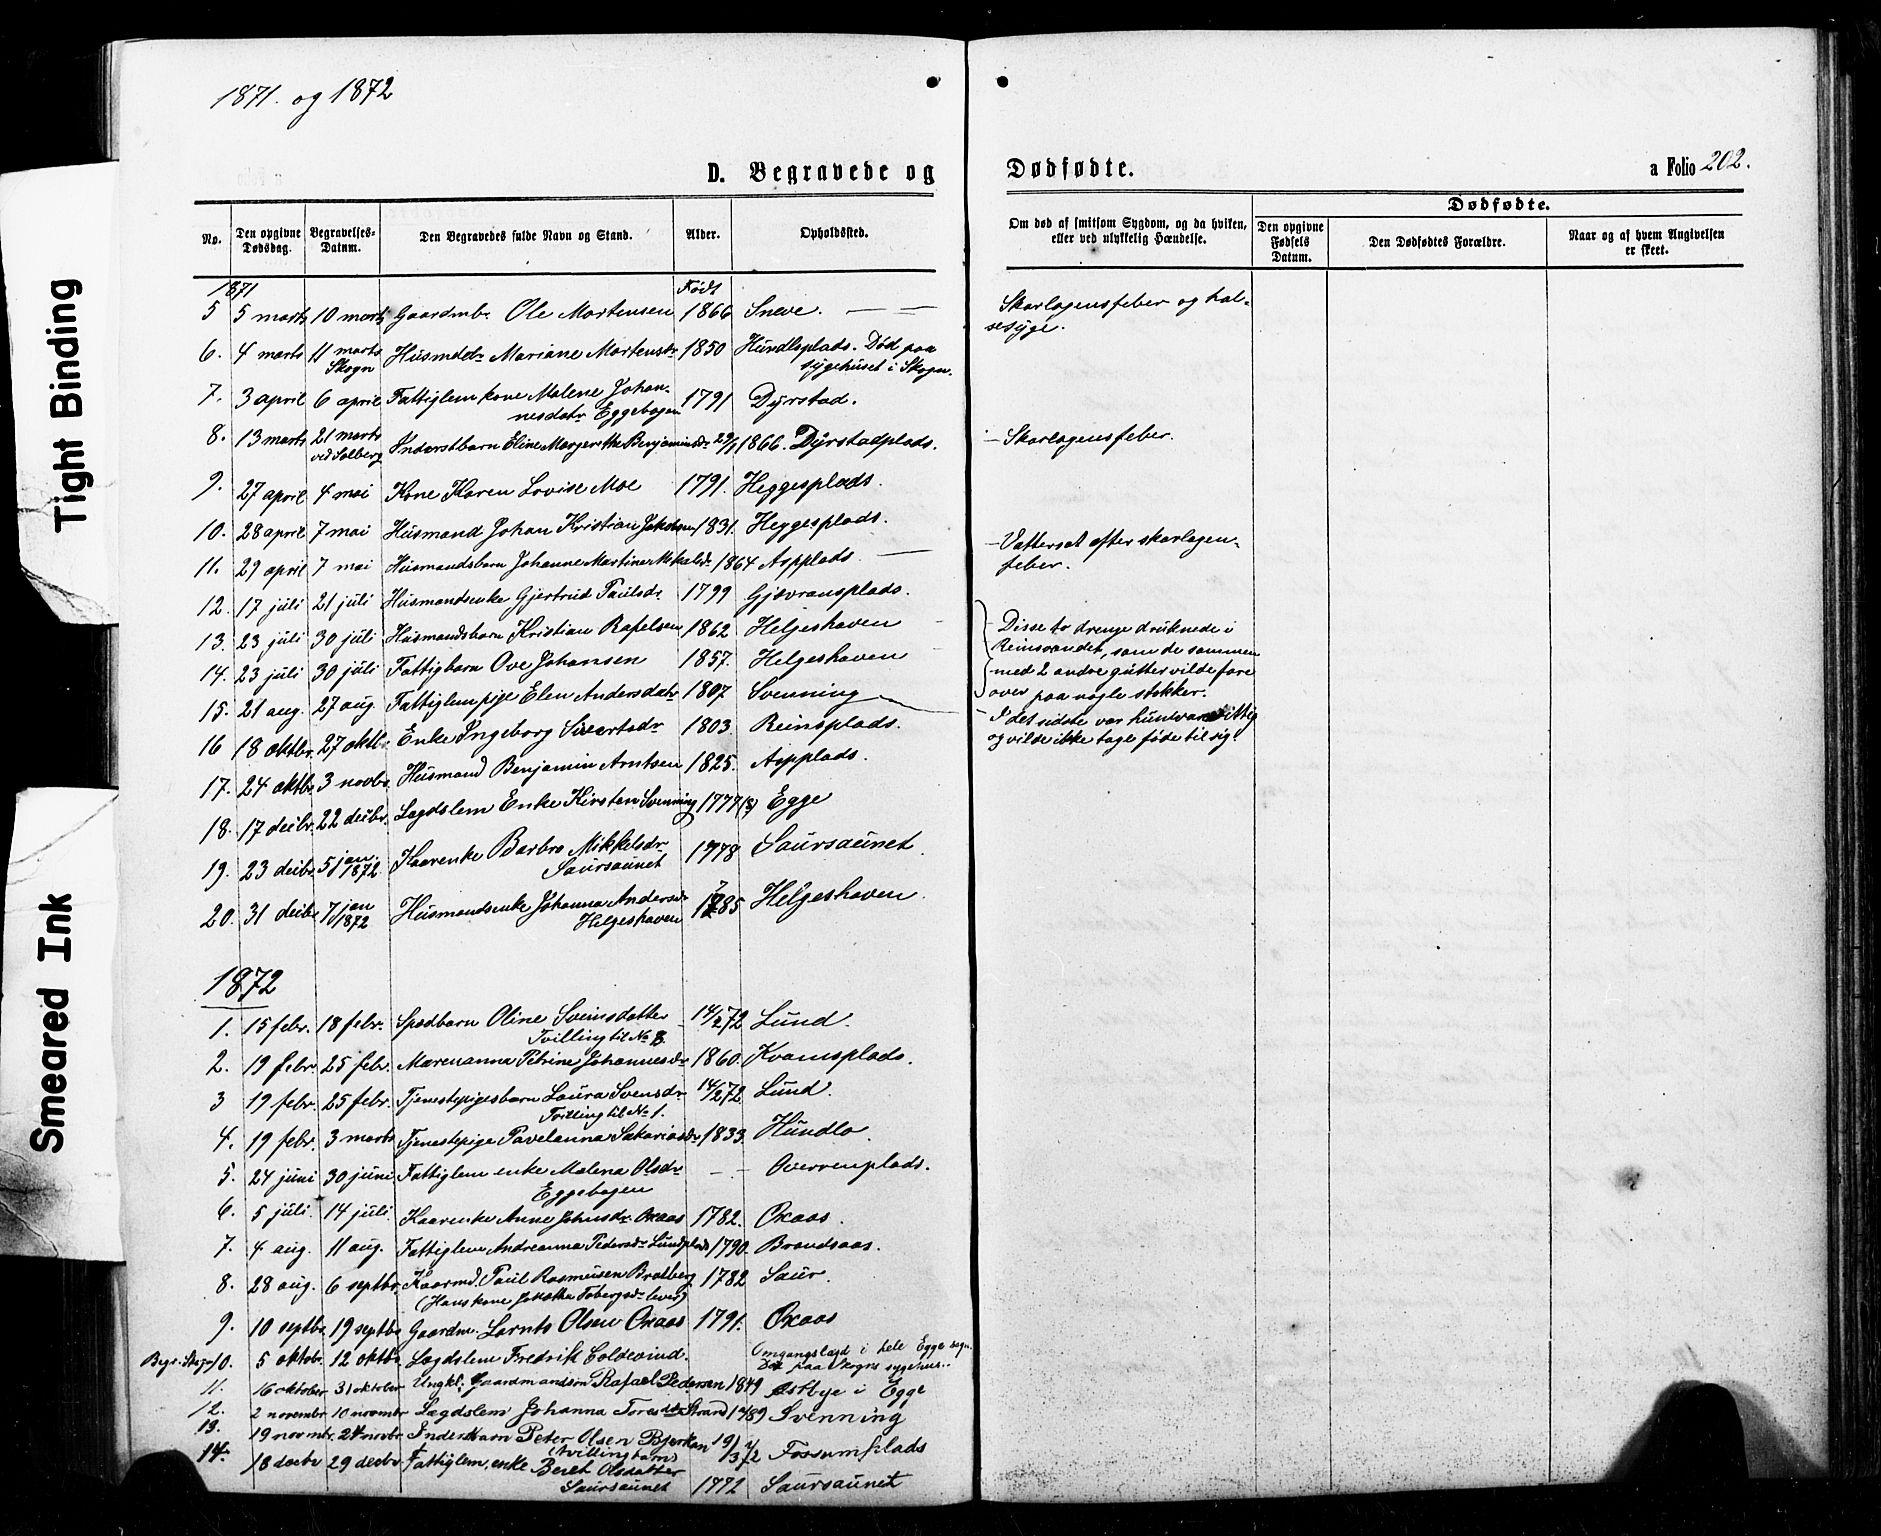 SAT, Ministerialprotokoller, klokkerbøker og fødselsregistre - Nord-Trøndelag, 740/L0380: Klokkerbok nr. 740C01, 1868-1902, s. 202